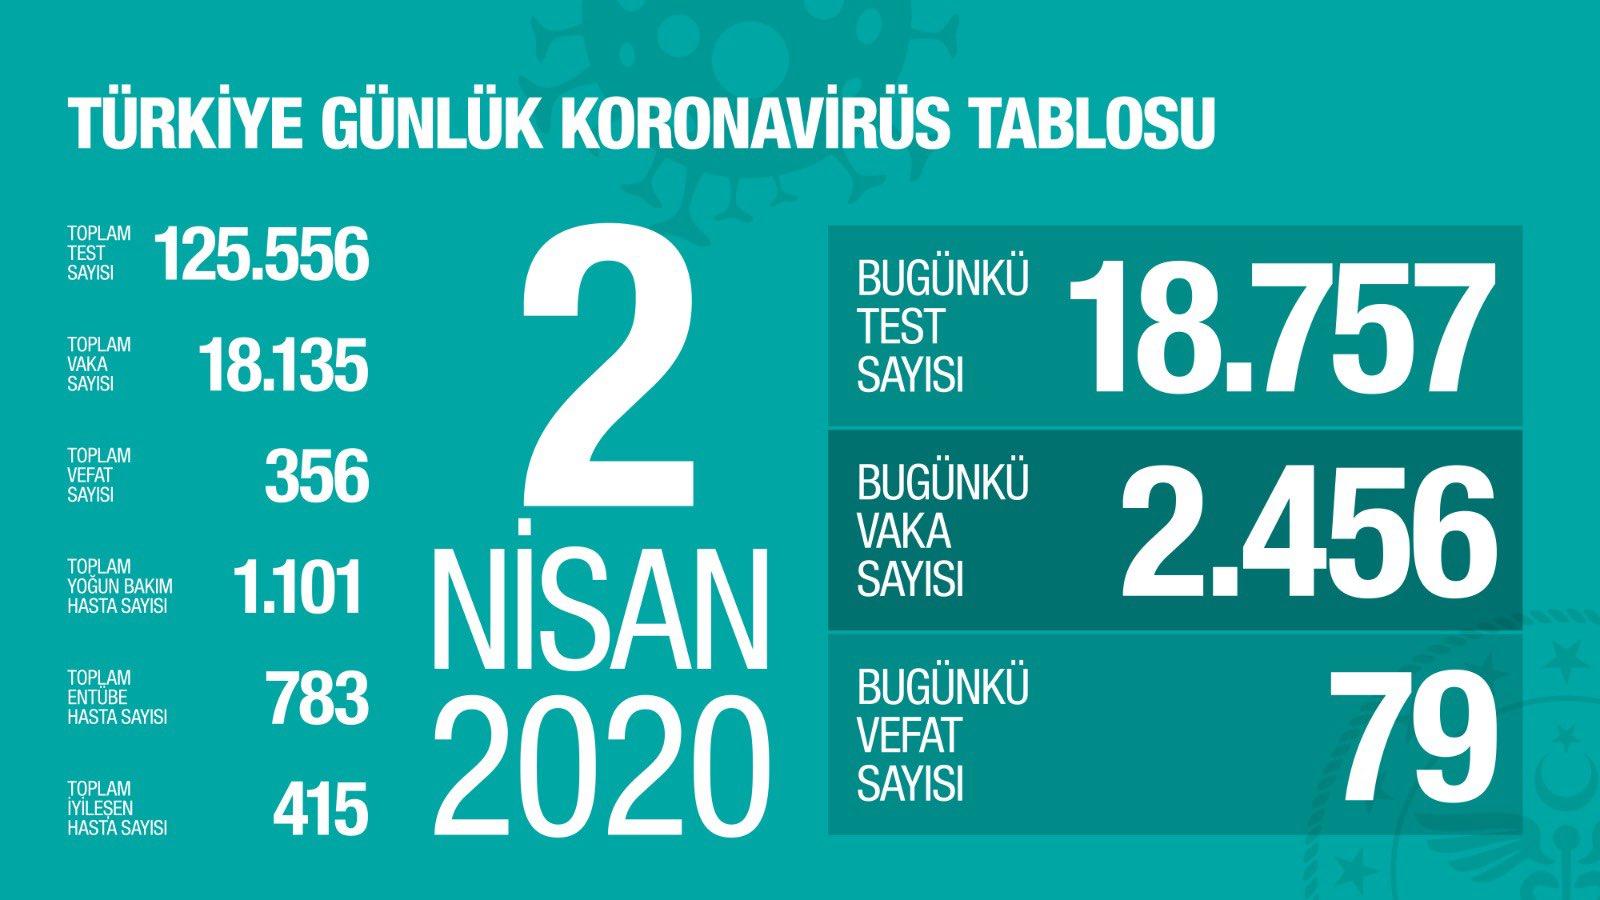 Türkiye'deki korona virüs sayıları - 2 Nisan